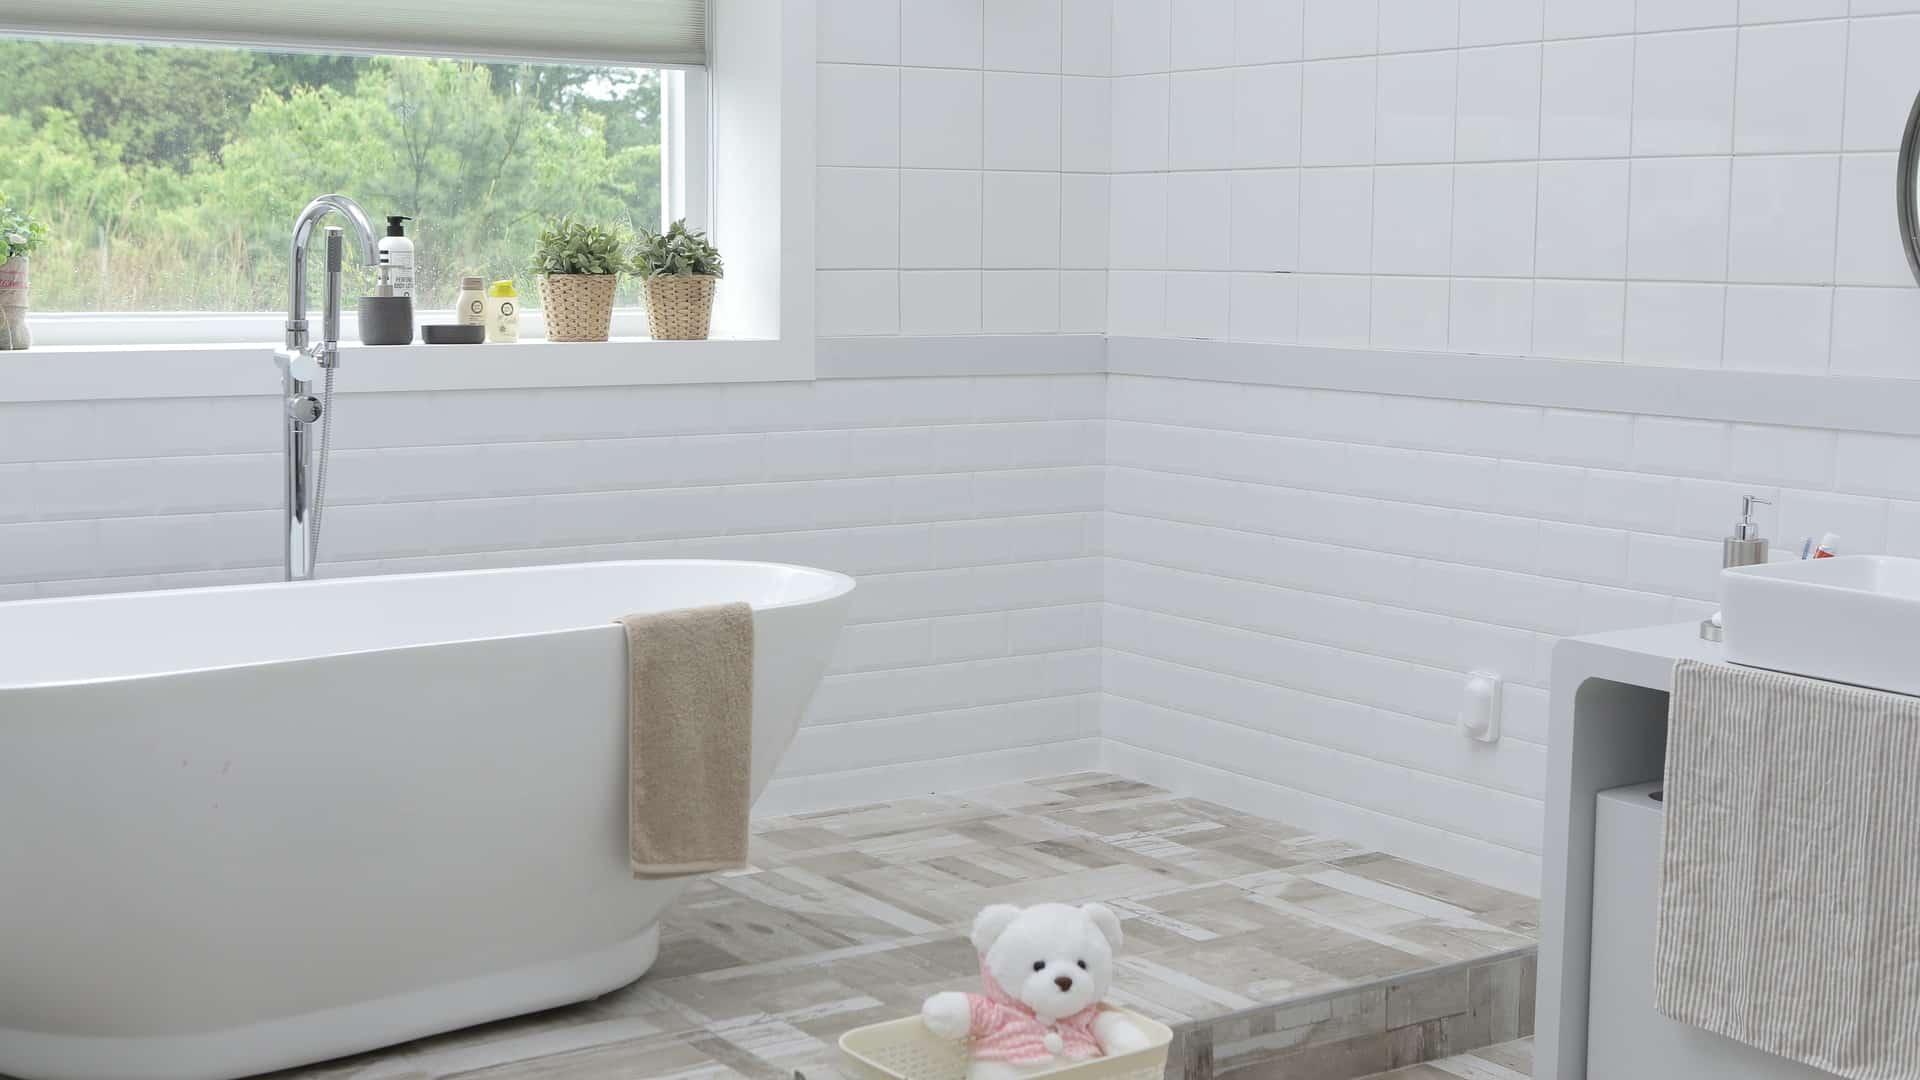 Installer une nouvelle baignoire